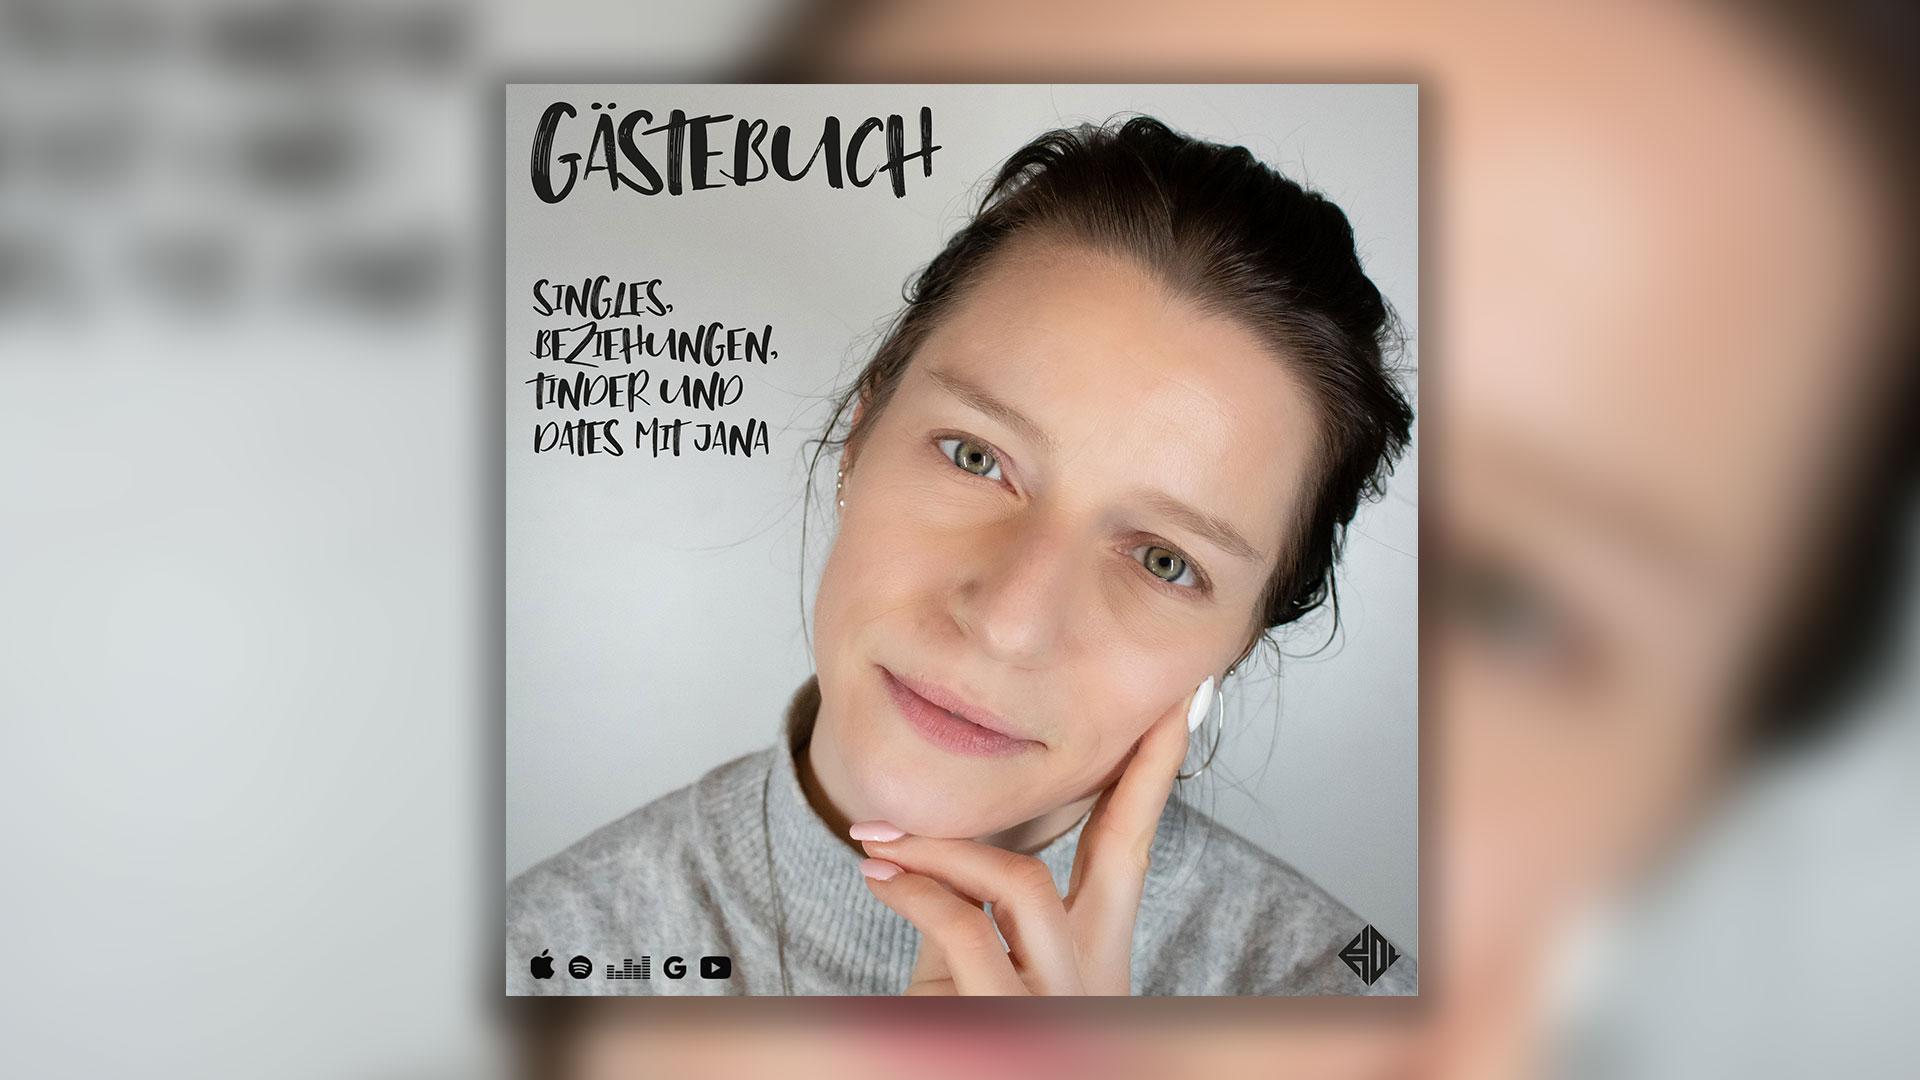 Gästebuch 05: Singles, Beziehungen, Tinder und Dates mit Jana